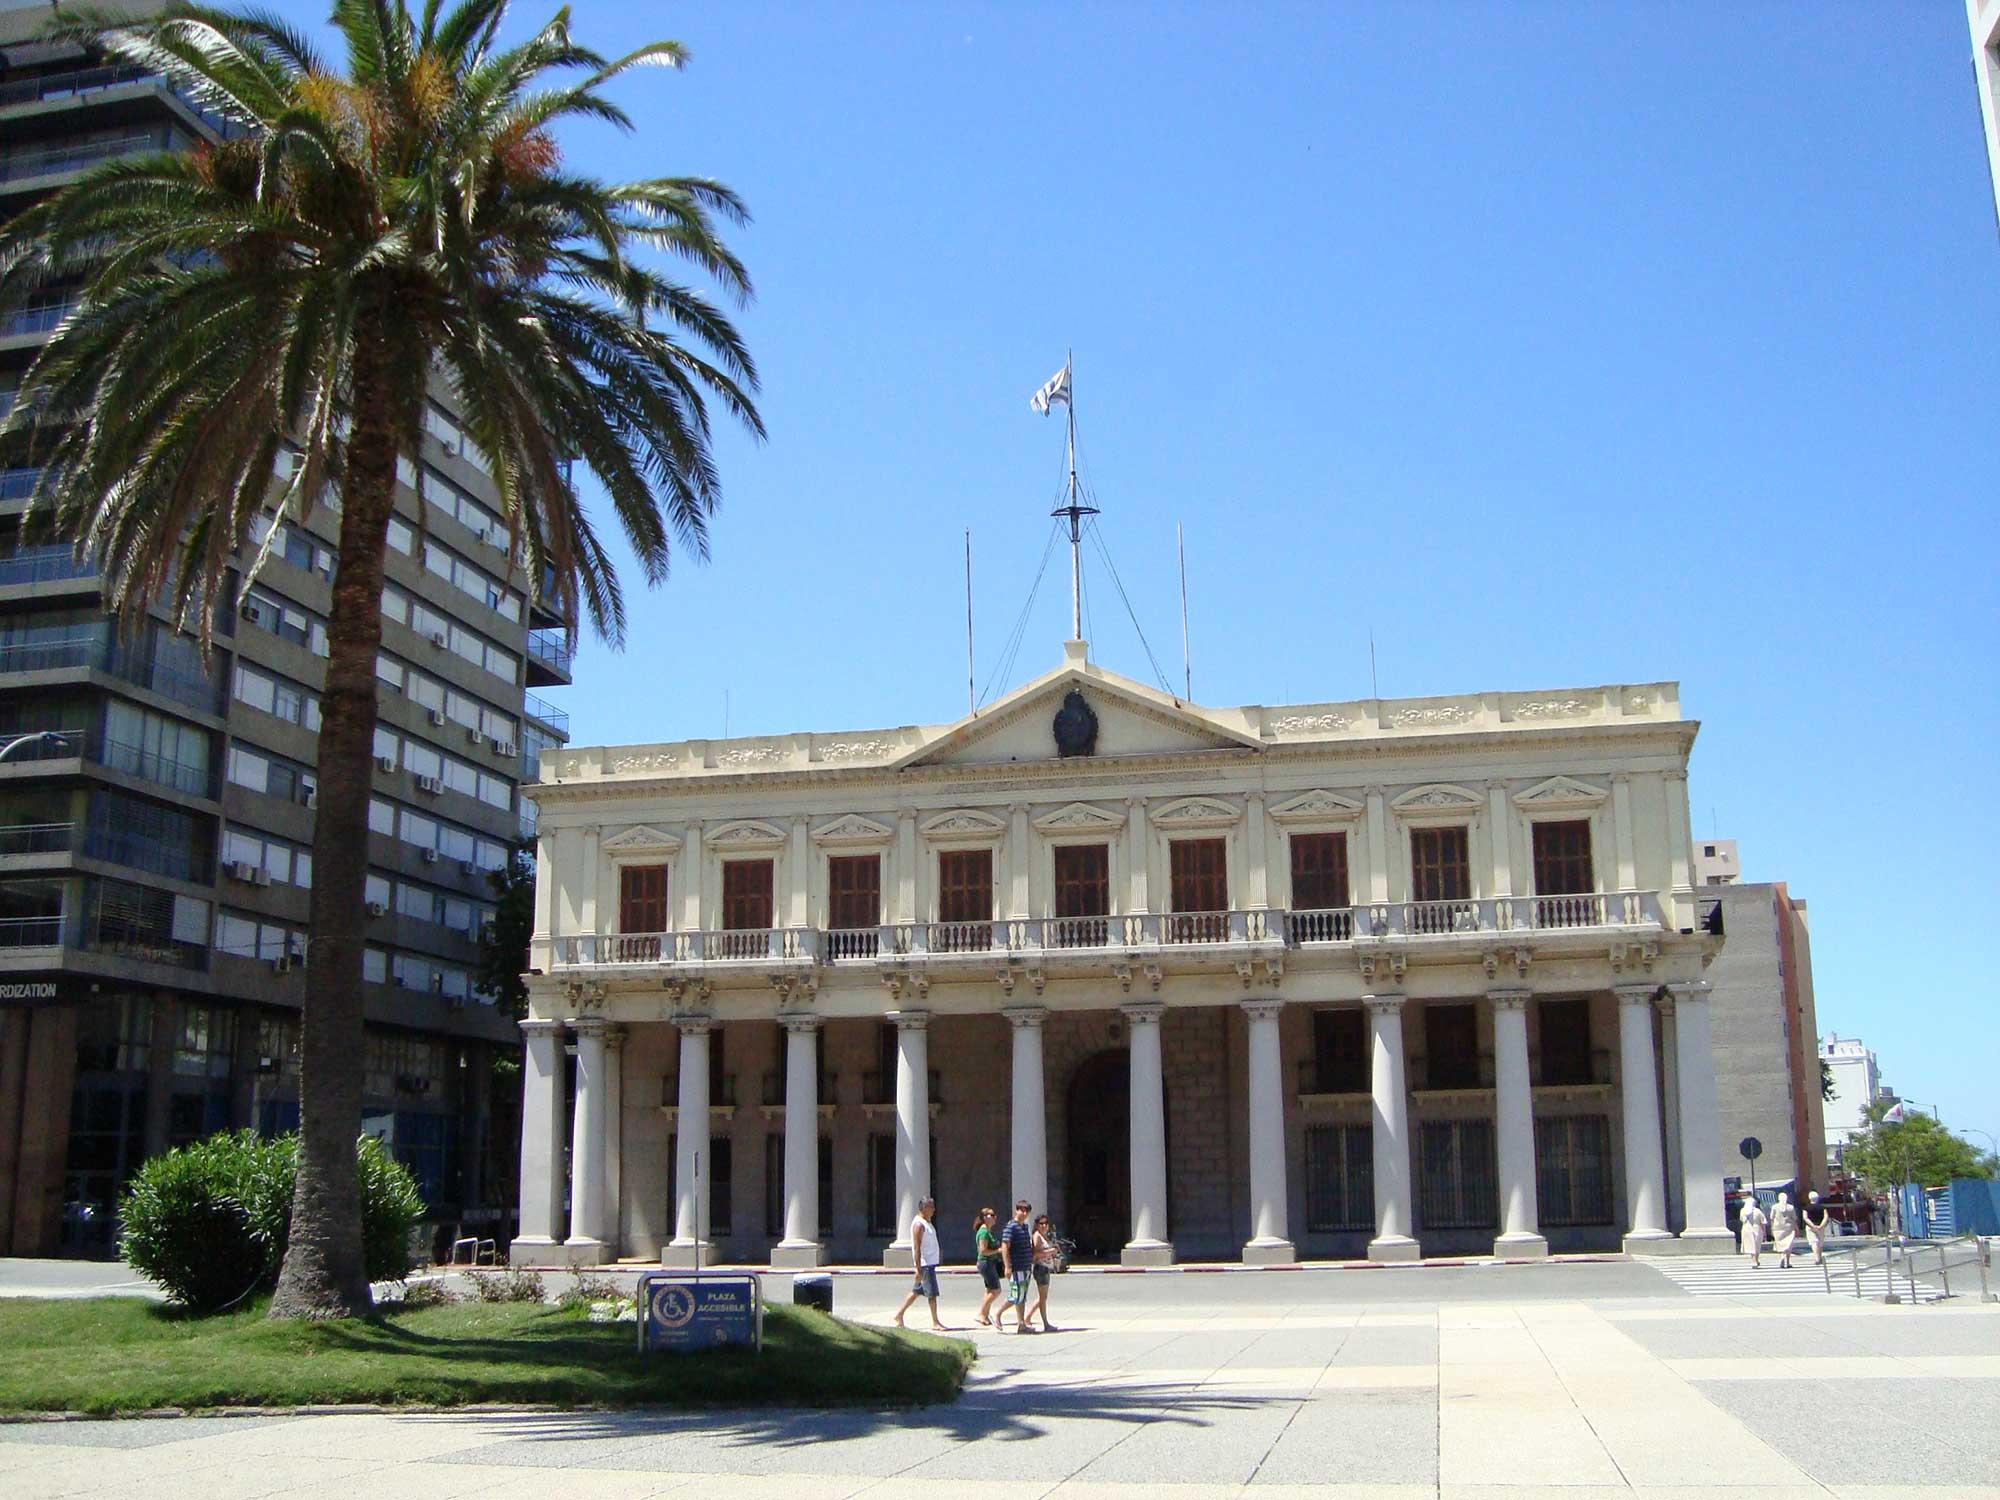 Palácio Estévez - Pontos Turisticos Montevideo